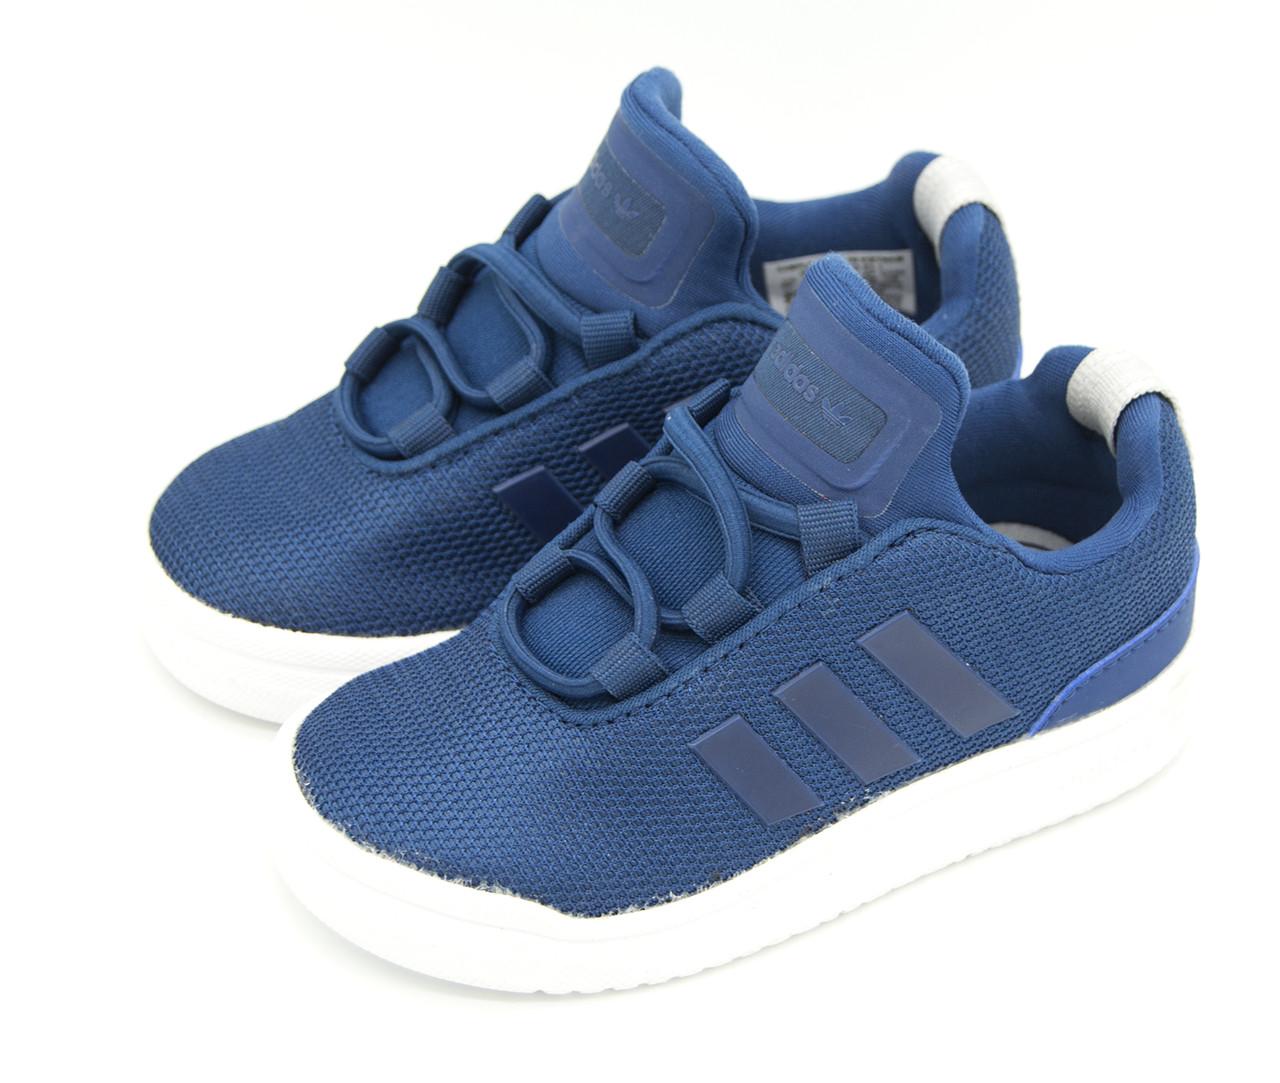 0234c526 Кроссовки Adidas для мальчика Размер - 22 (14 см): продажа, цена в ...